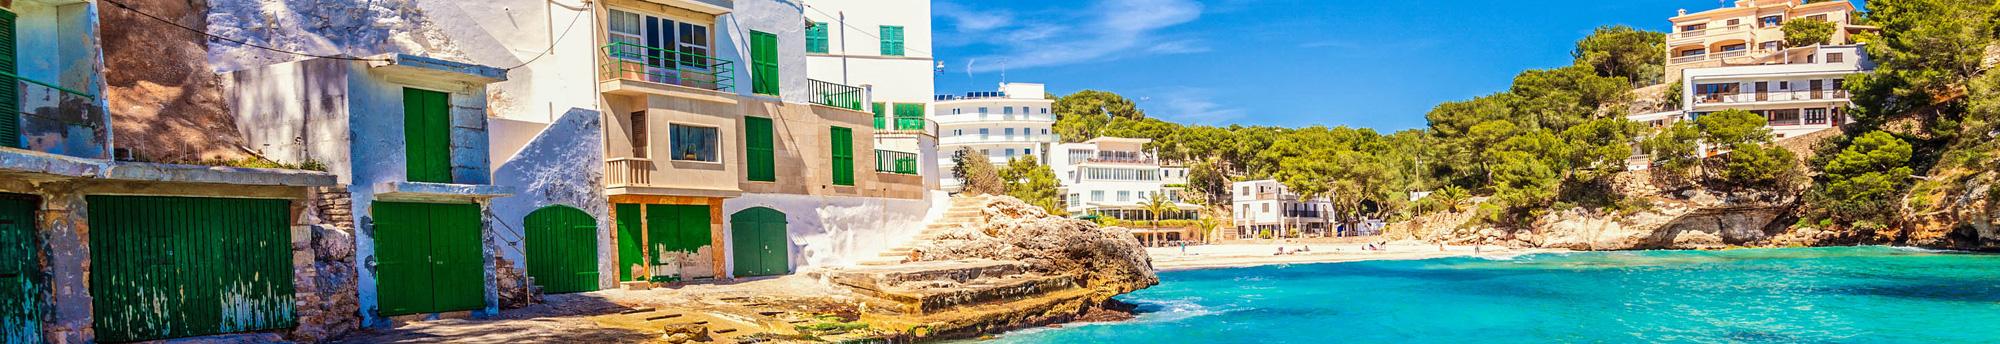 Vuelo + Hotel en Mallorca